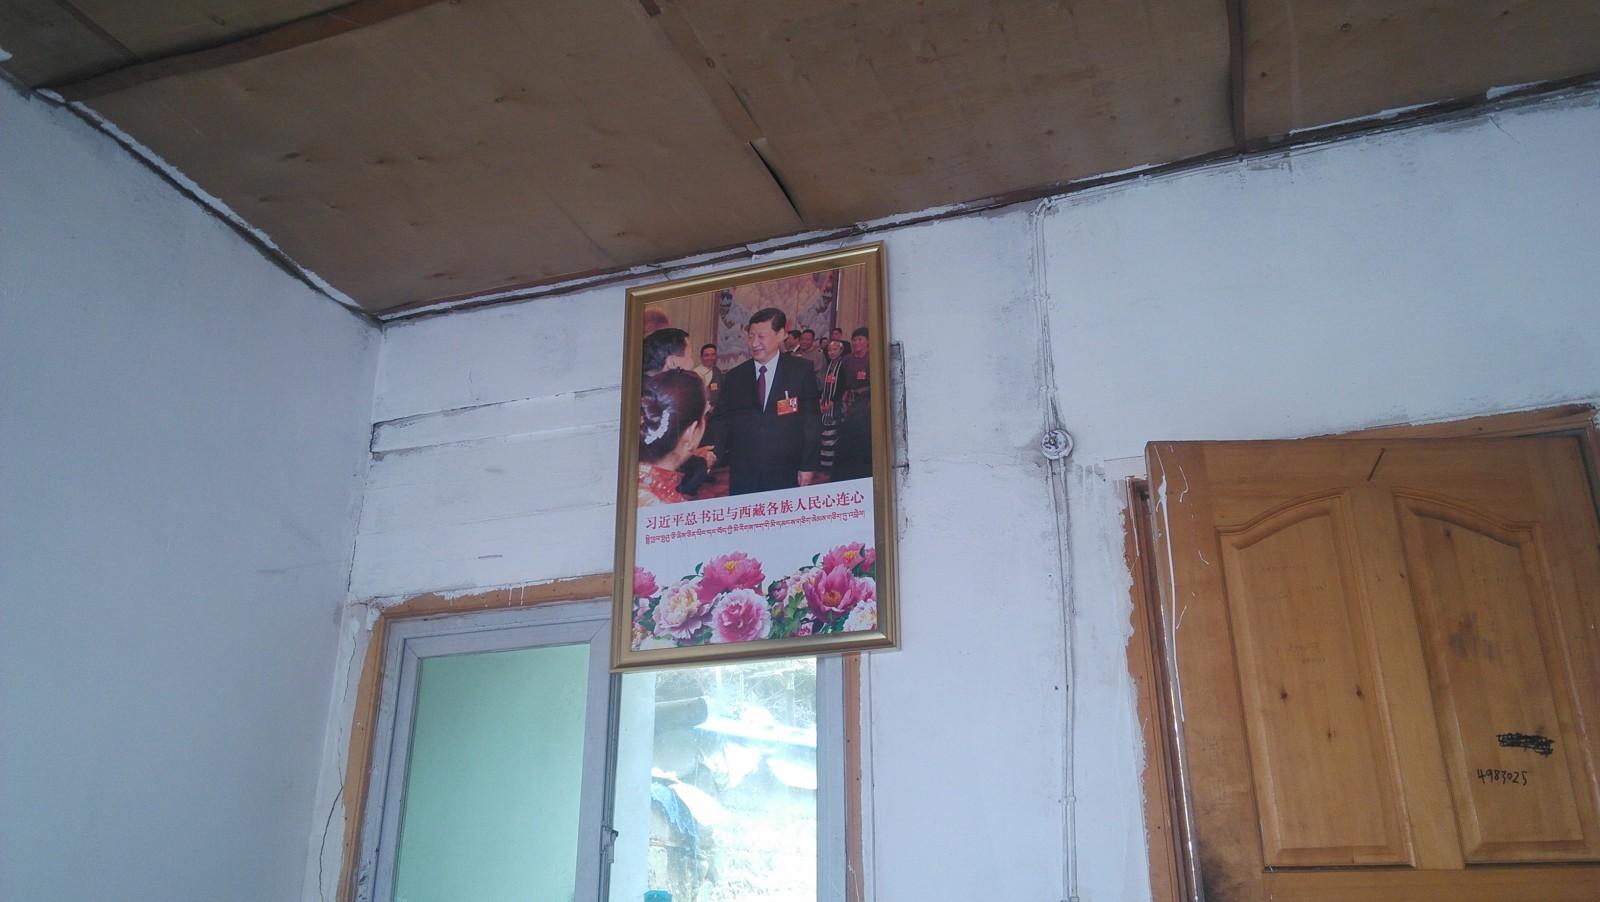 饭馆里贴着总书记的照片,内地没见过这种,这样的照片跟藏人家里悬挂的达赖的照片风格一模一样